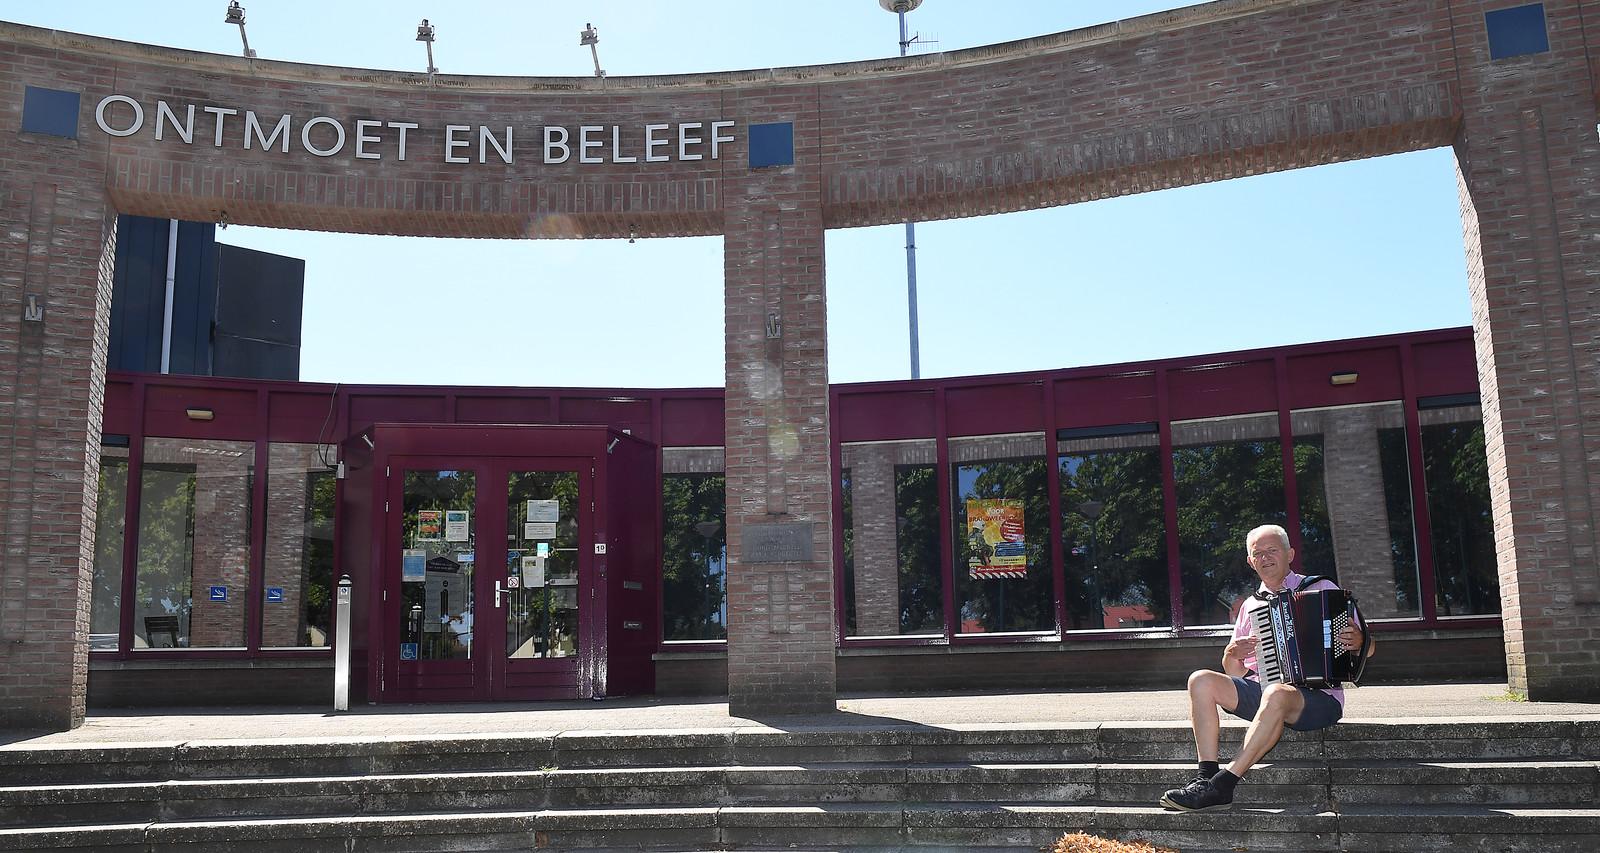 Wiel van Loosbroek met zijn accordeon voor ontmoetingscentrum Oelbroeck in Sint Anthonis.